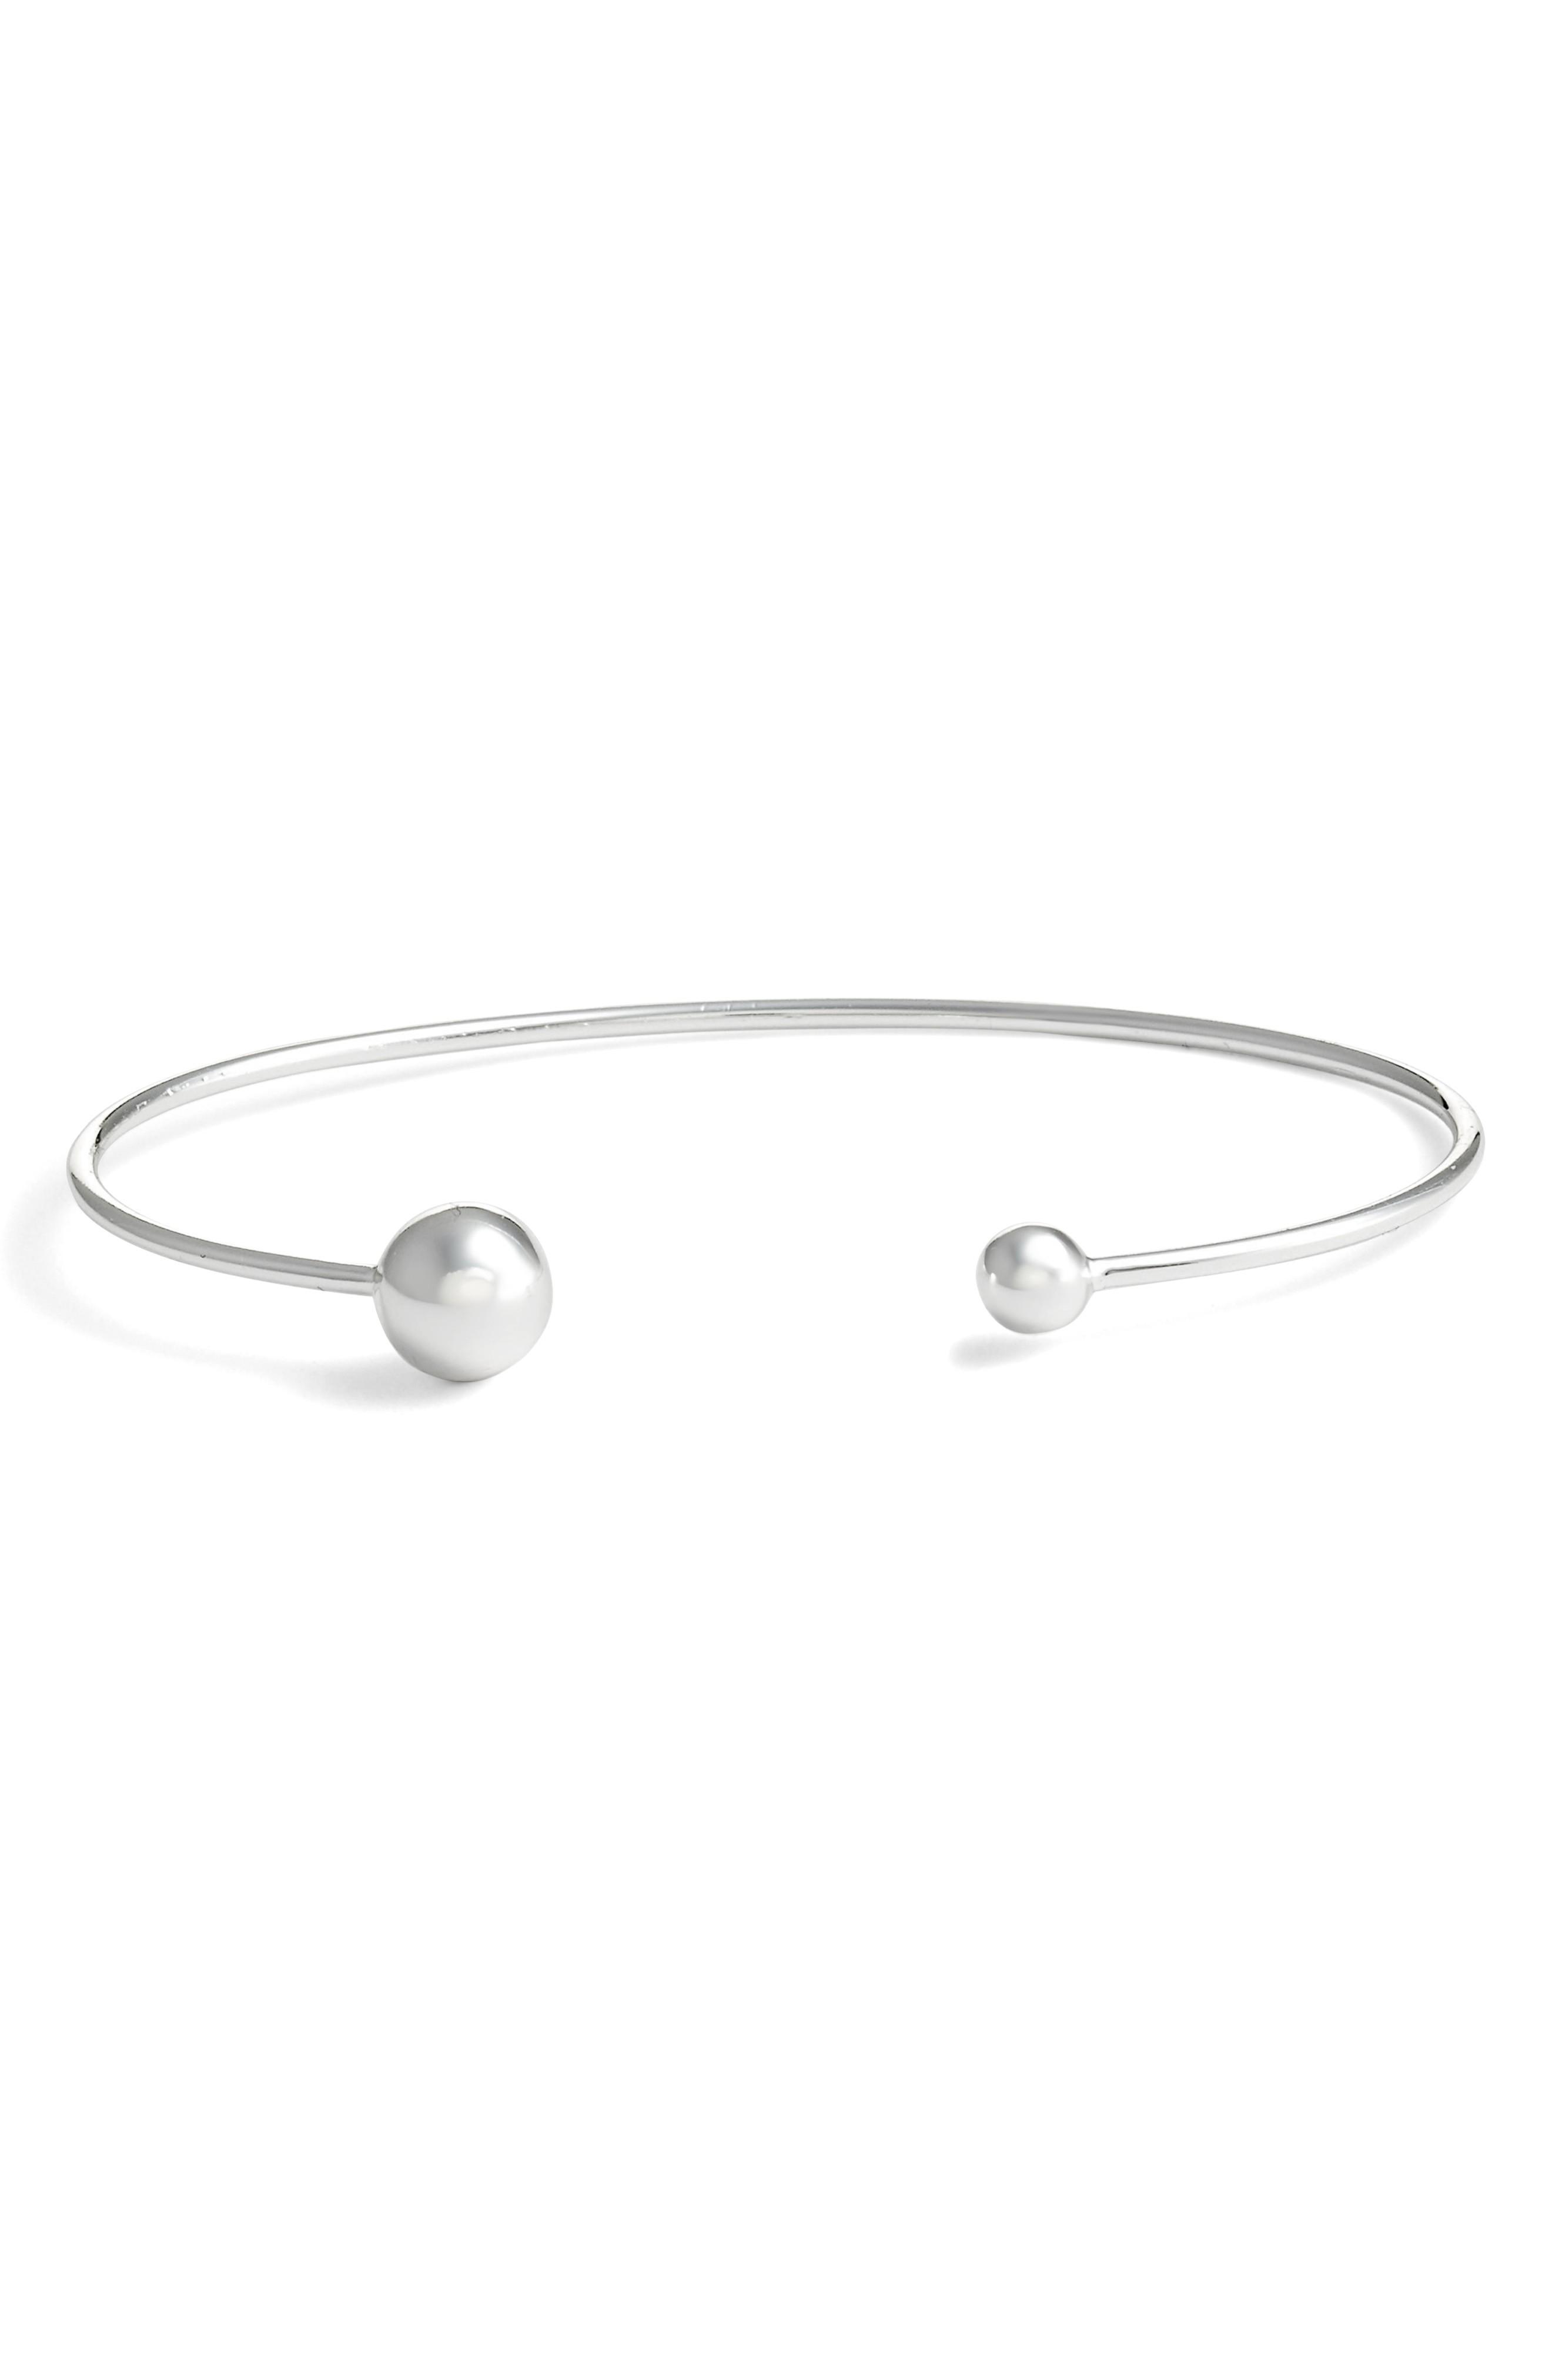 Argento Vivo Sphere Open Cuff Bracelet In Silver